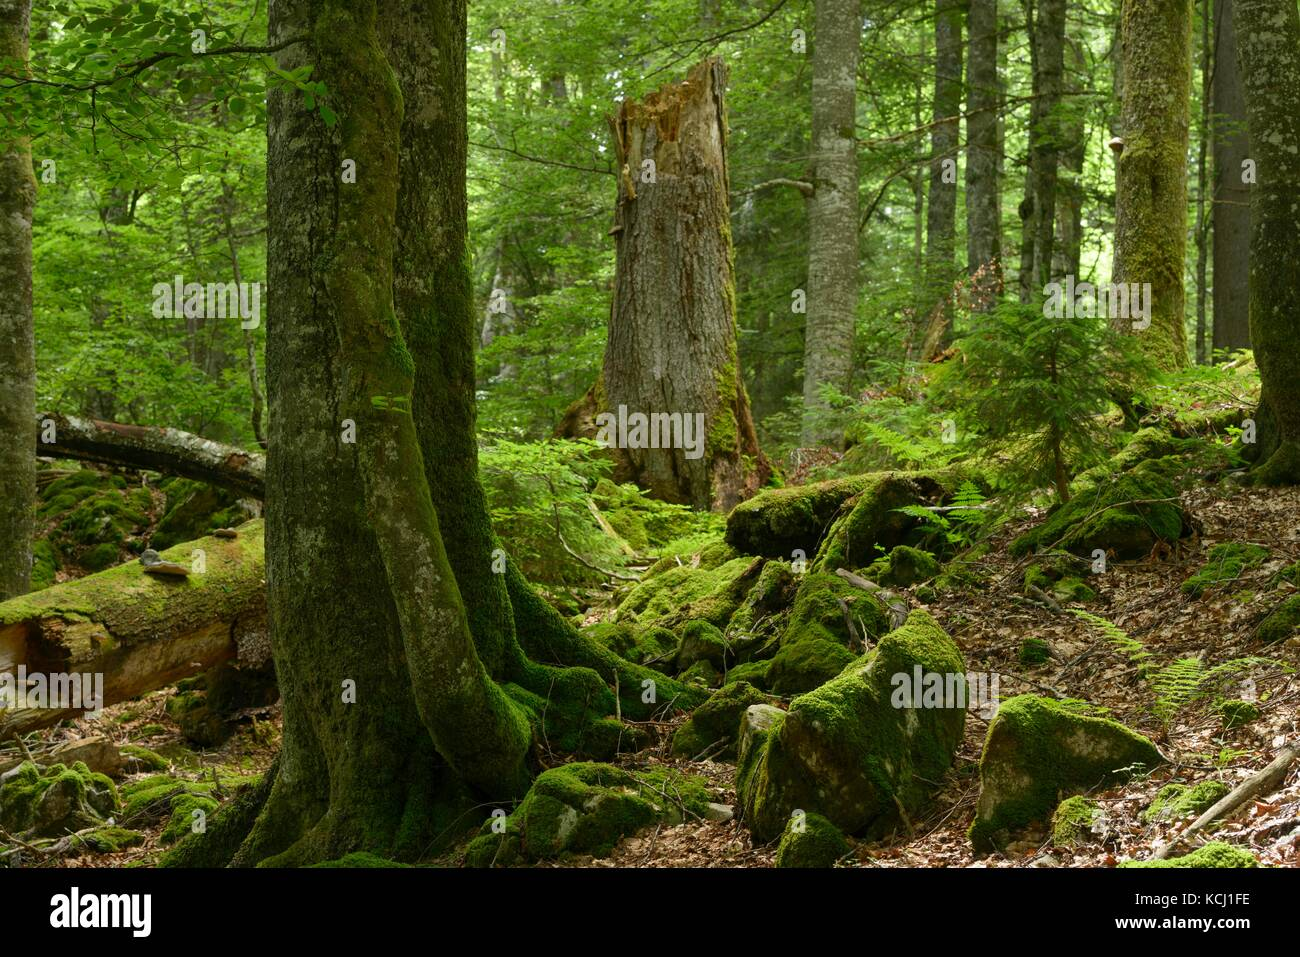 """Altbäume im größten Primärwald bleiben in den Alpen: """"Rothwald"""" im UNESCO-Welterbe Wildnis Dürrenstein. Stockfoto"""